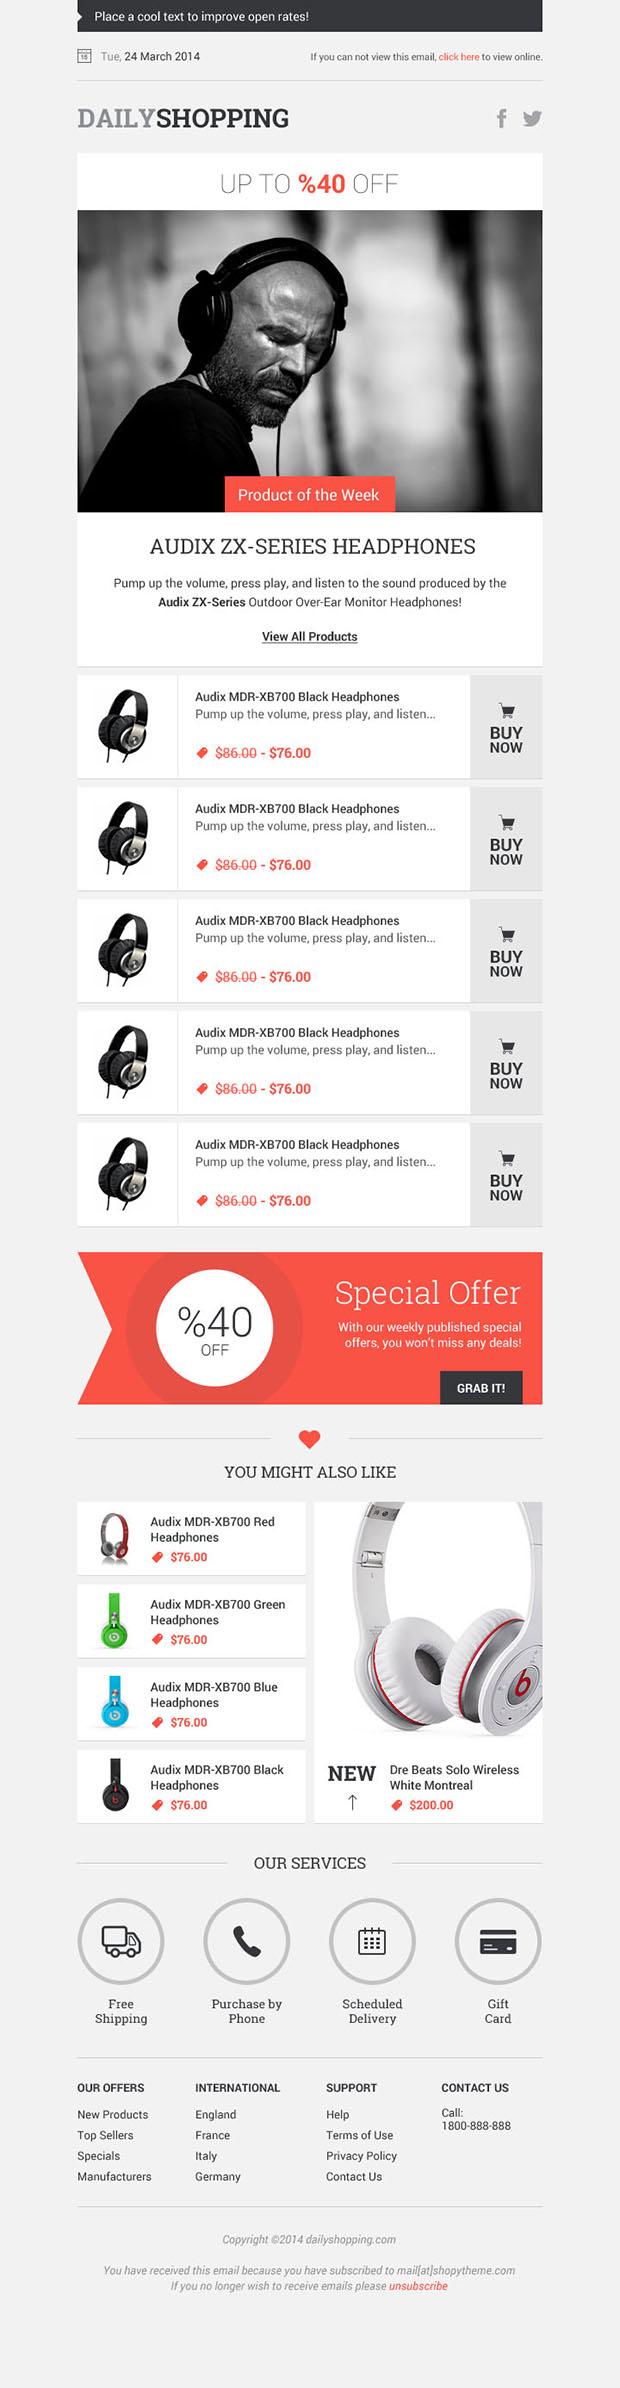 Free-Shopping-Newsletter-Design-PSD